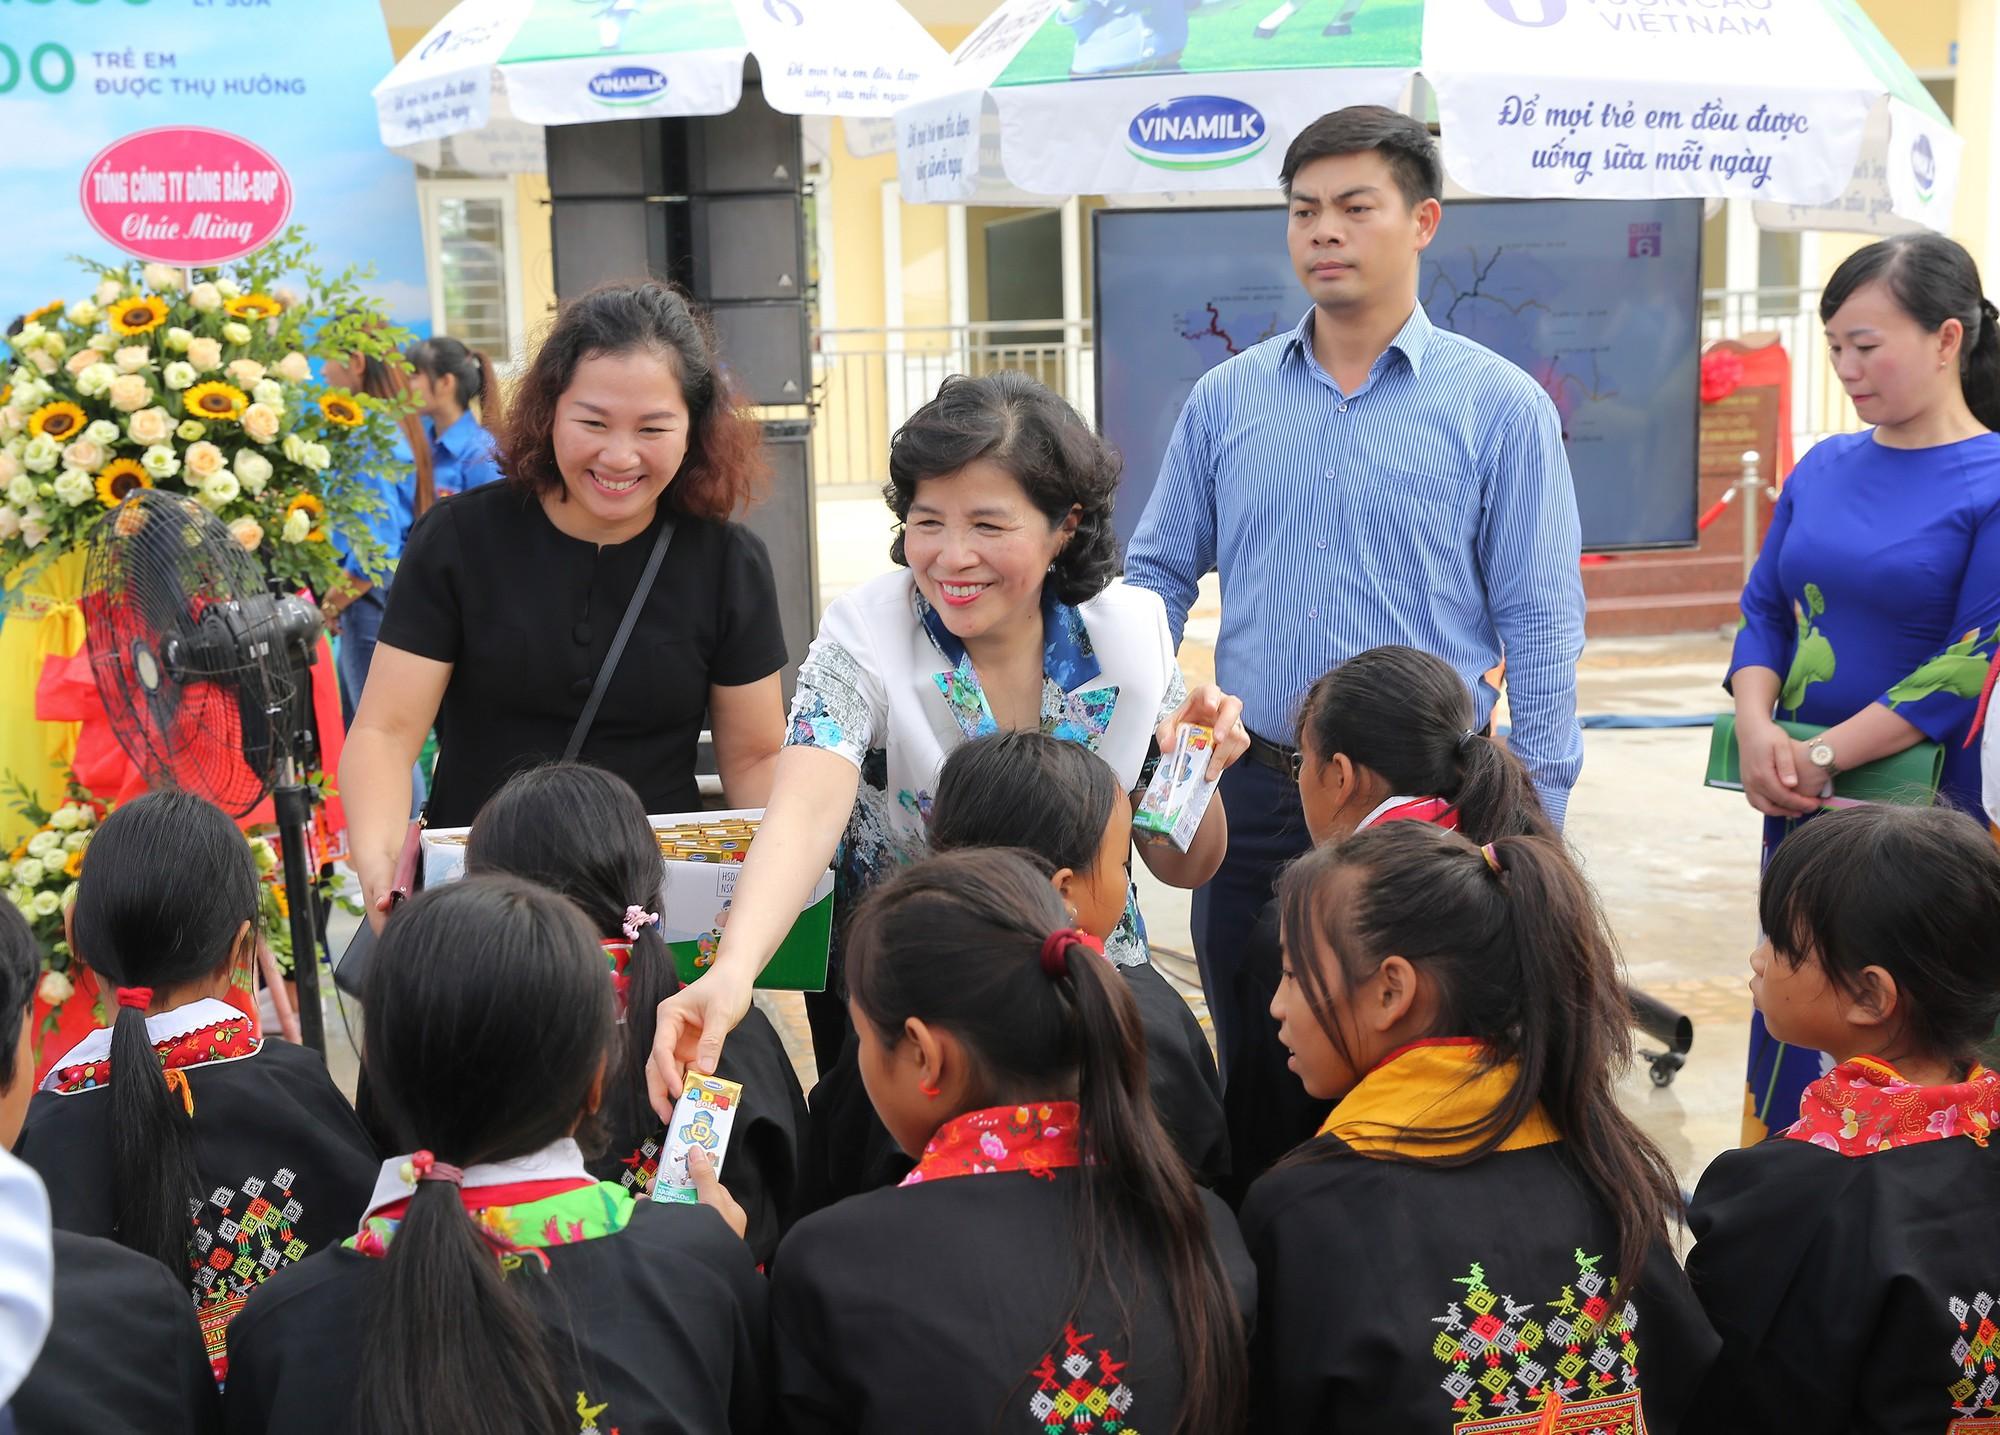 Quỹ sữa Vươn Cao Việt Nam: Để mọi trẻ em đều được uống sữa mỗi ngày - Ảnh 4.